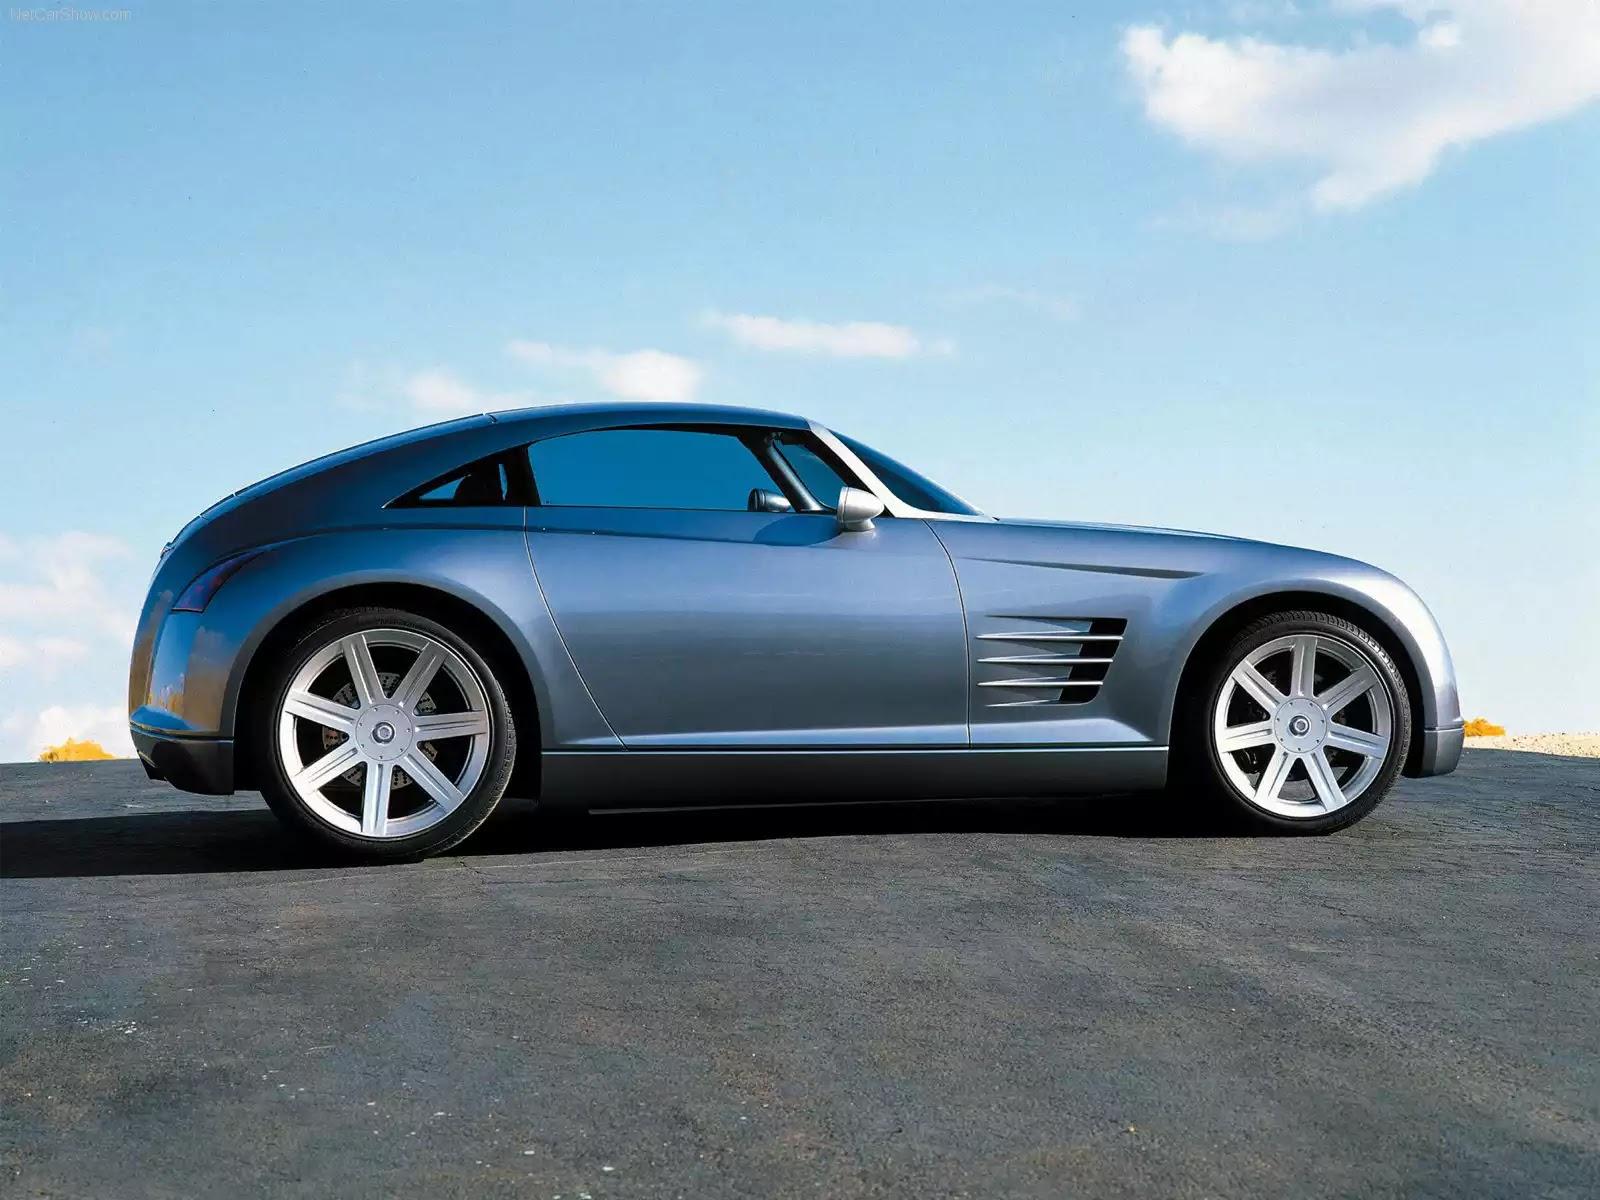 Hình ảnh xe ô tô Chrysler Crossfire Concept 2001 & nội ngoại thất